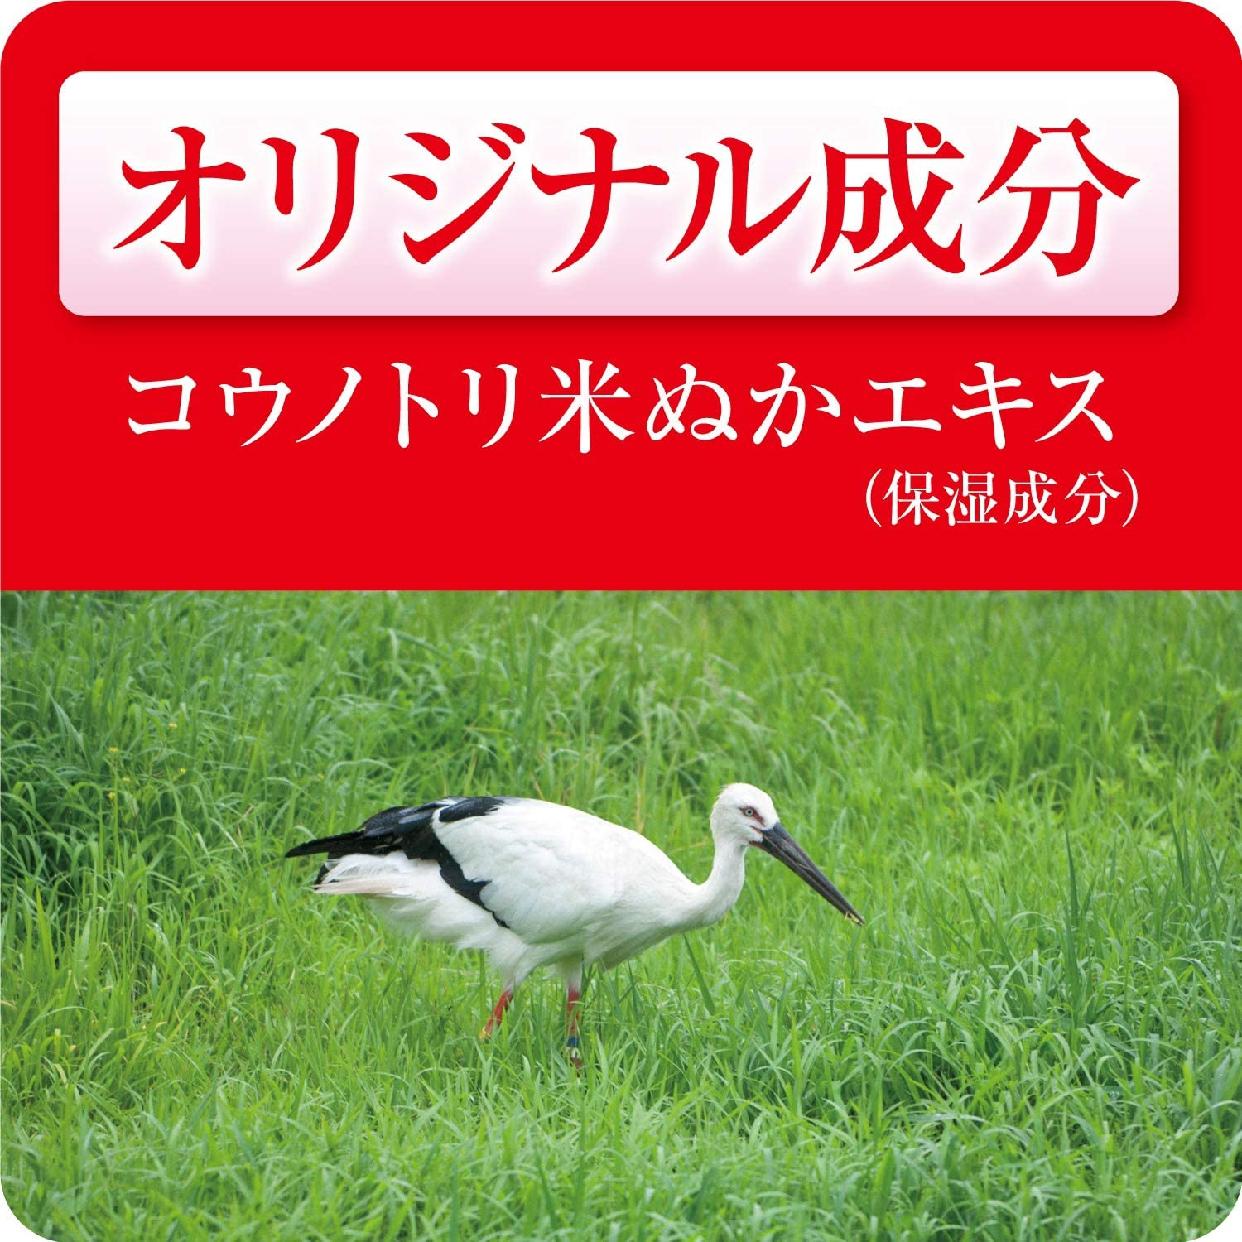 美人ぬか(びじんぬか)純米角質柔軟水の商品画像9